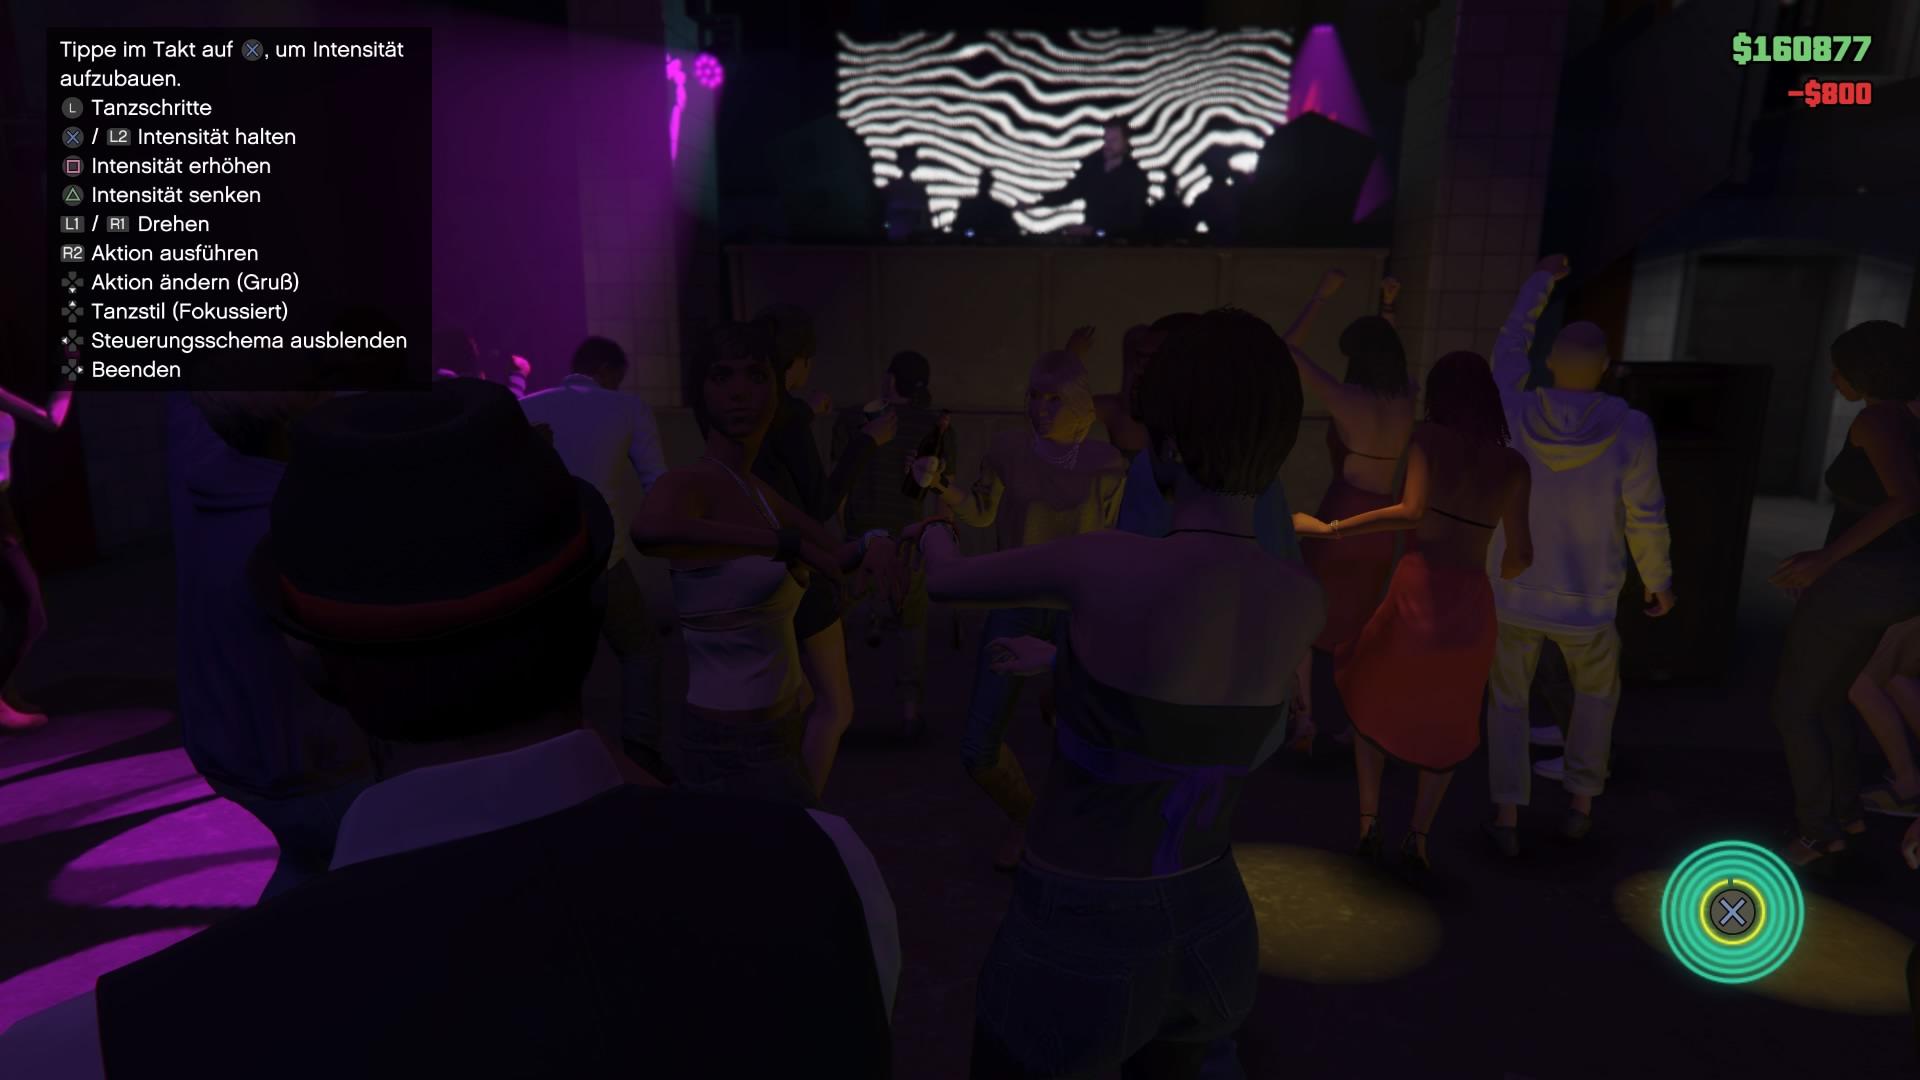 gta online - after hours: nachtclub aufbauen - tipps für